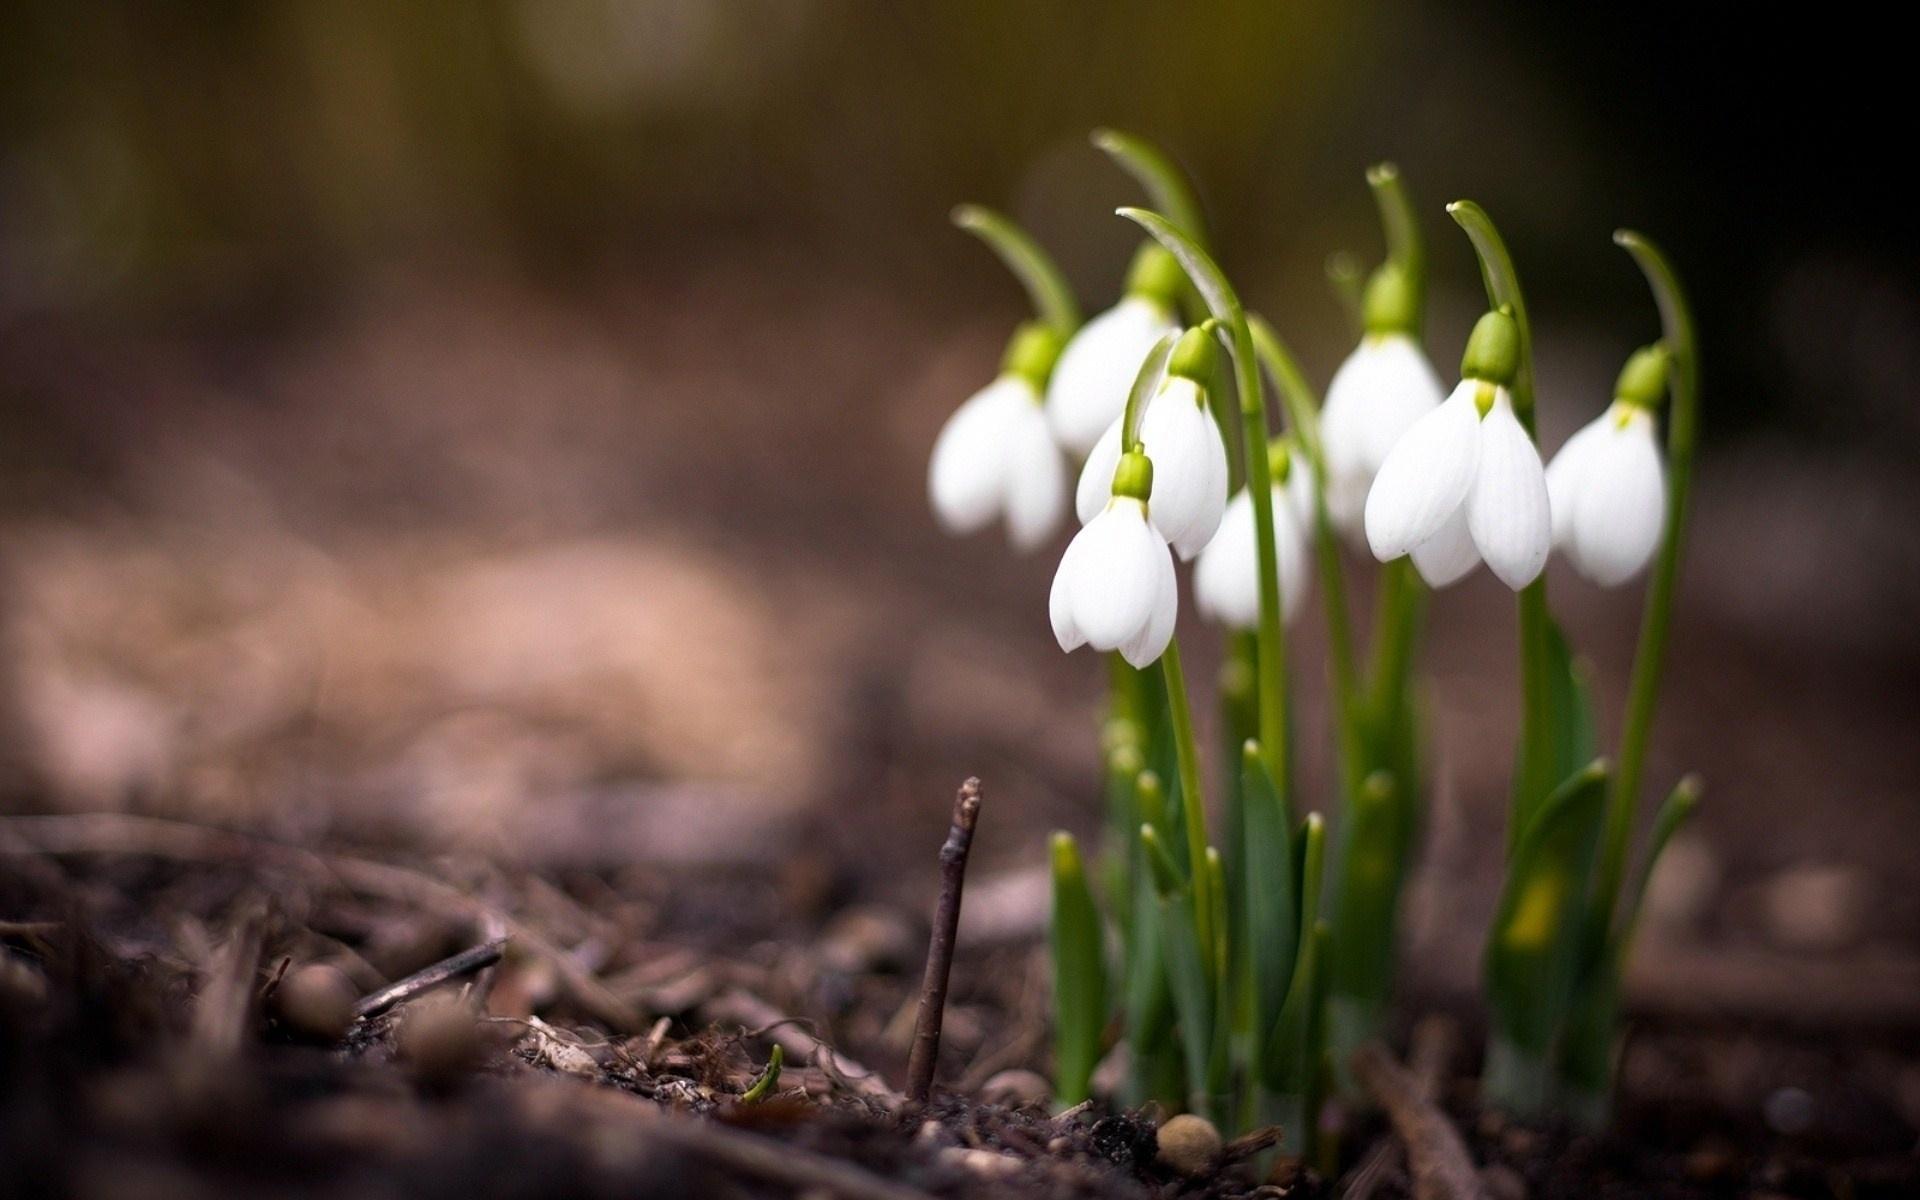 Картинка с весной красивая